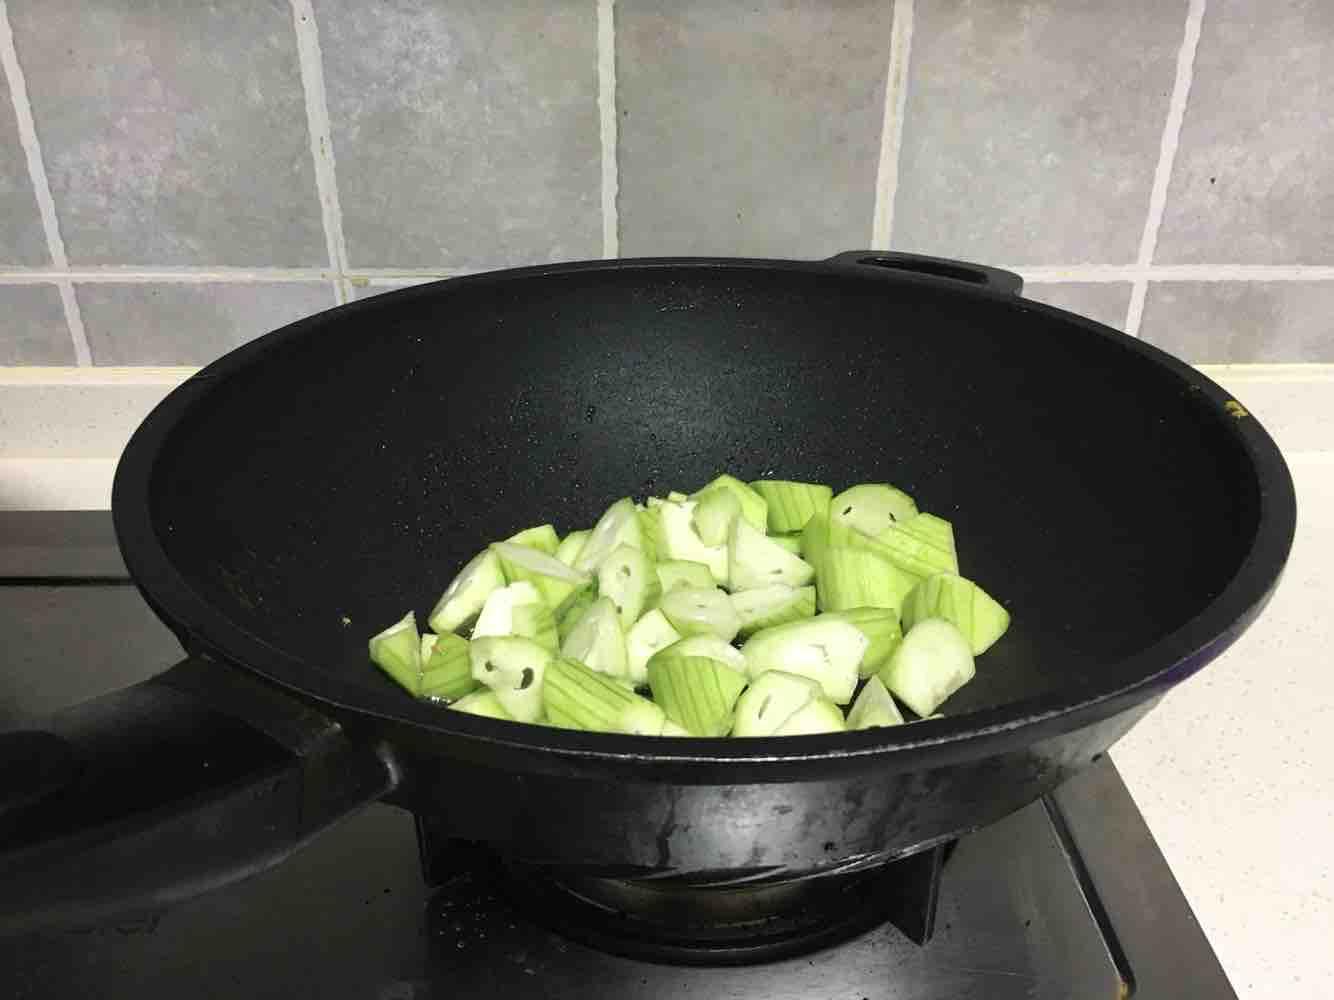 海鲜菇丝瓜炒鸡蛋的简单做法